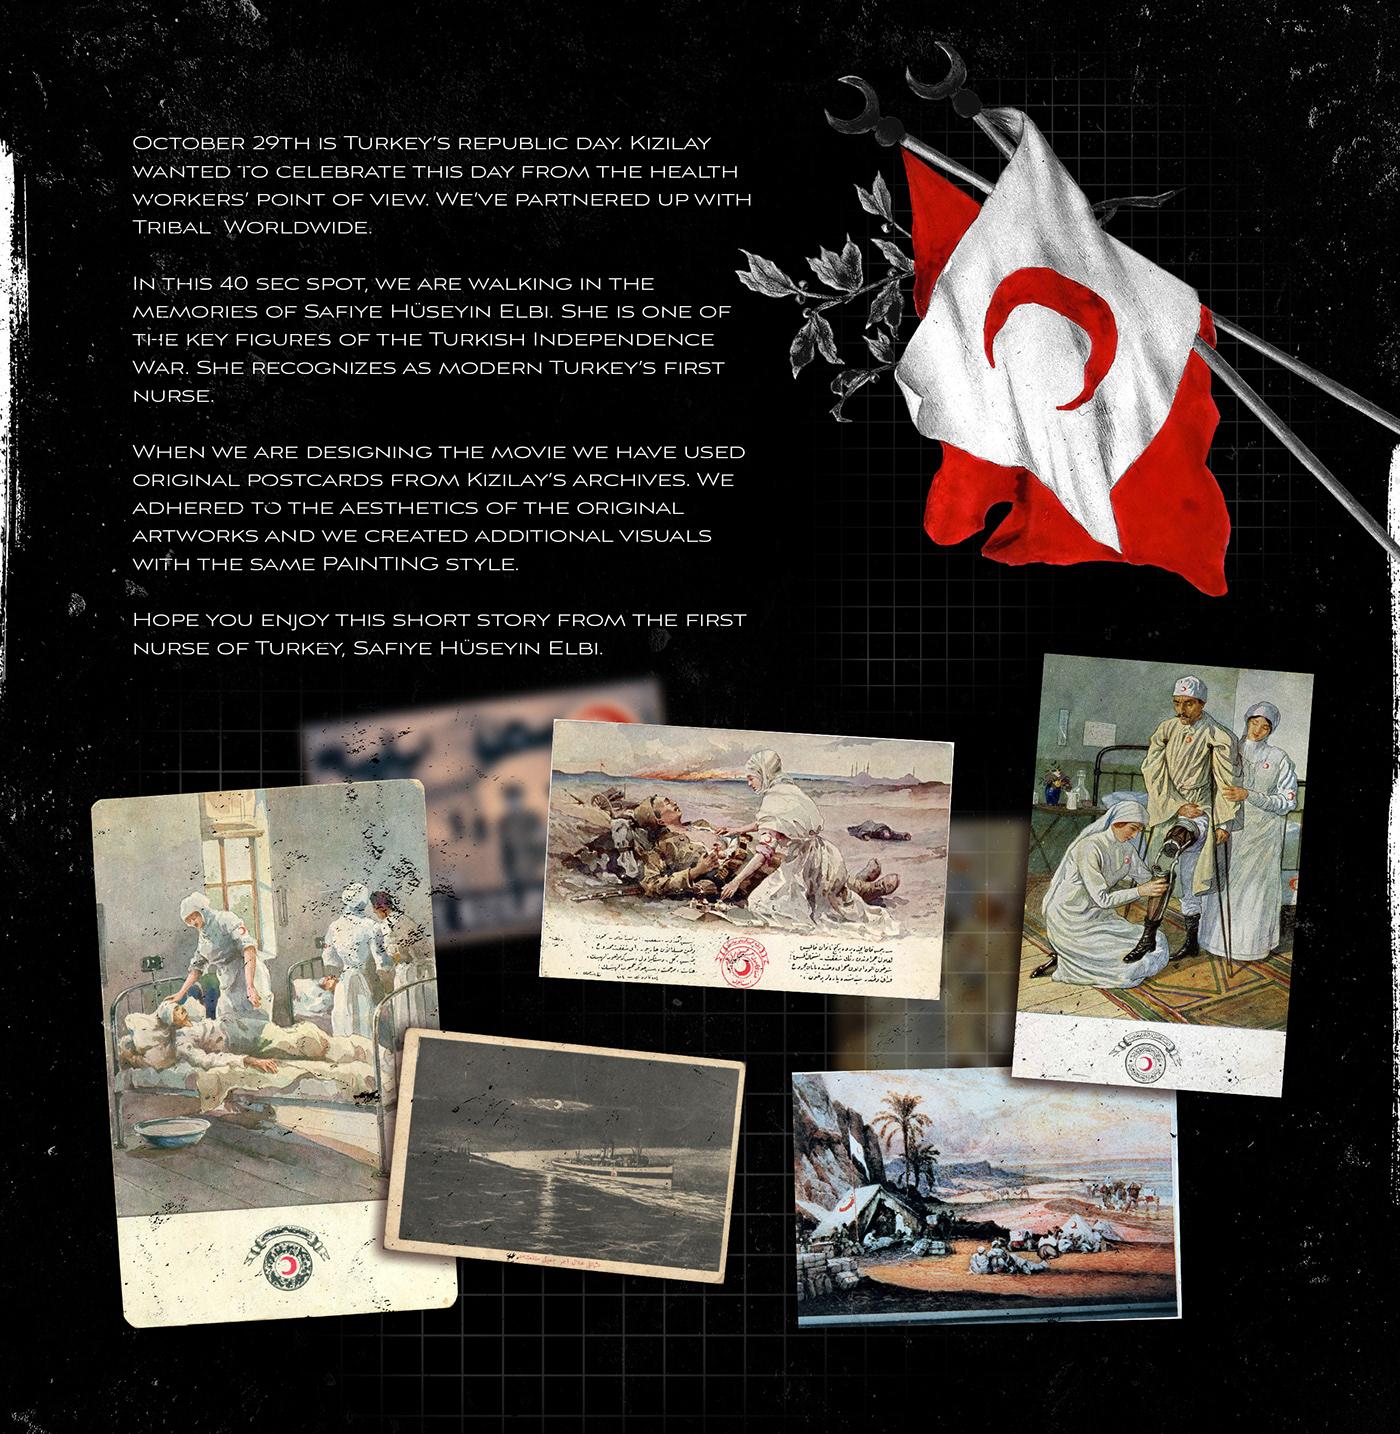 29 ekim collage cumhuriyet kızılay parallax postcard Republic Title vintage